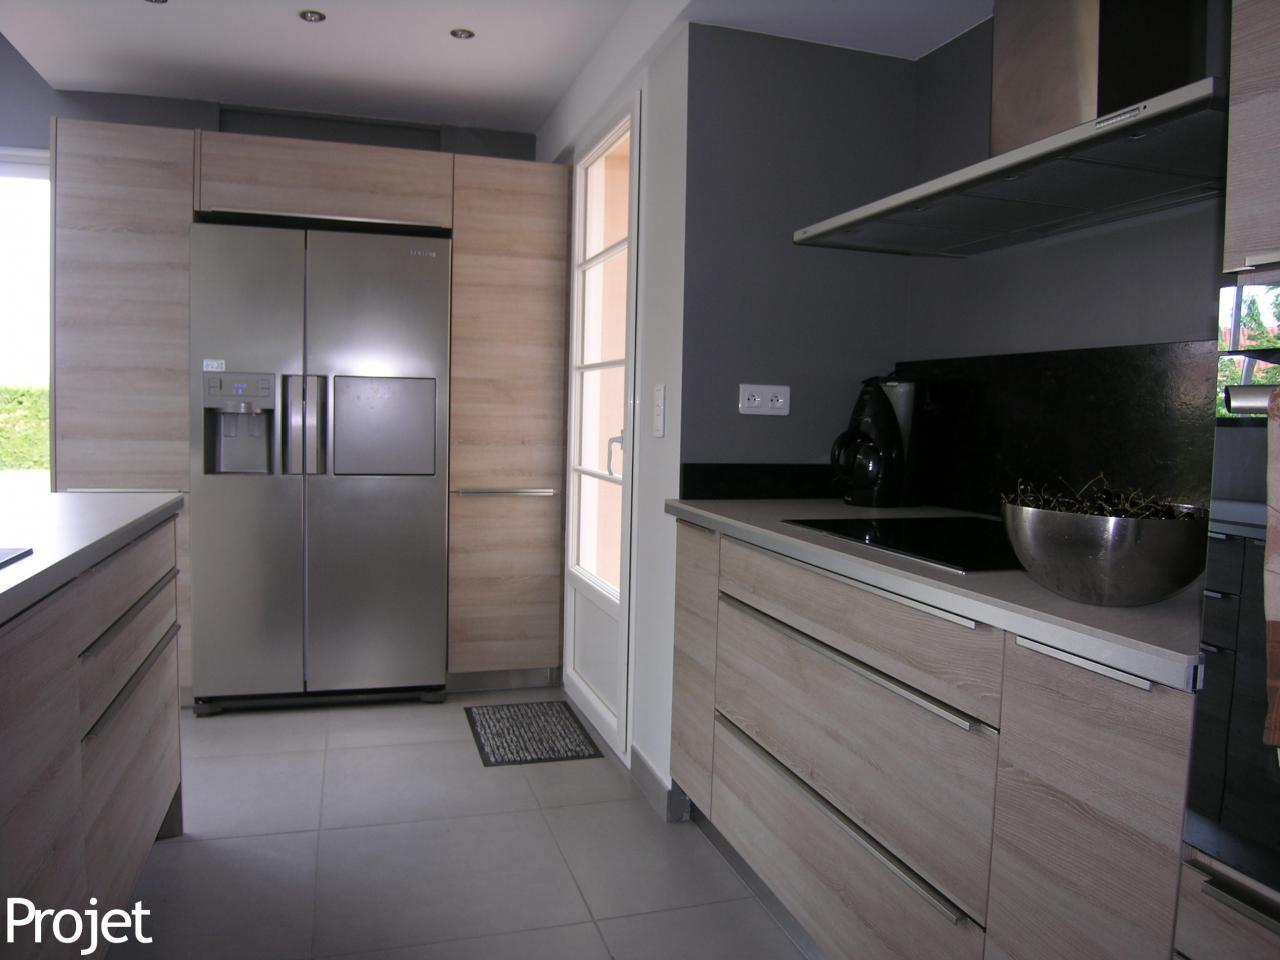 Projet cuisine finest confortable et invitante cette for Projet cuisine